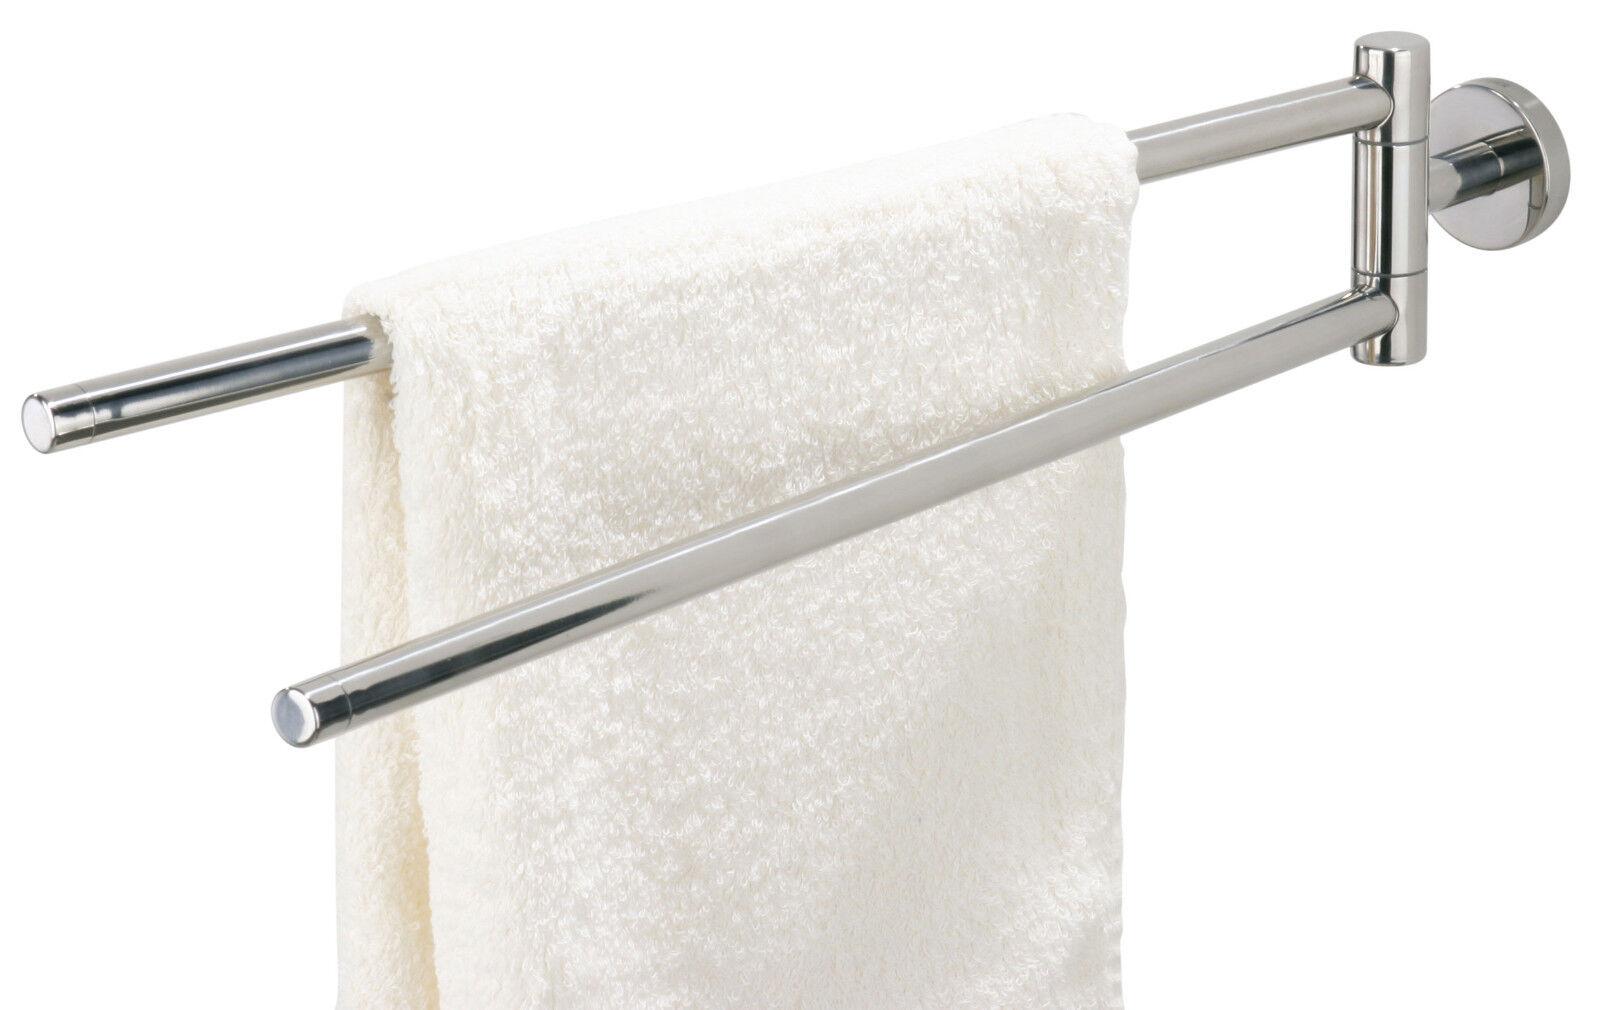 TIGER Handtuchhalter BOSTON 2-armig schwenkbar Oberfläche in Edelstahl gebürstet